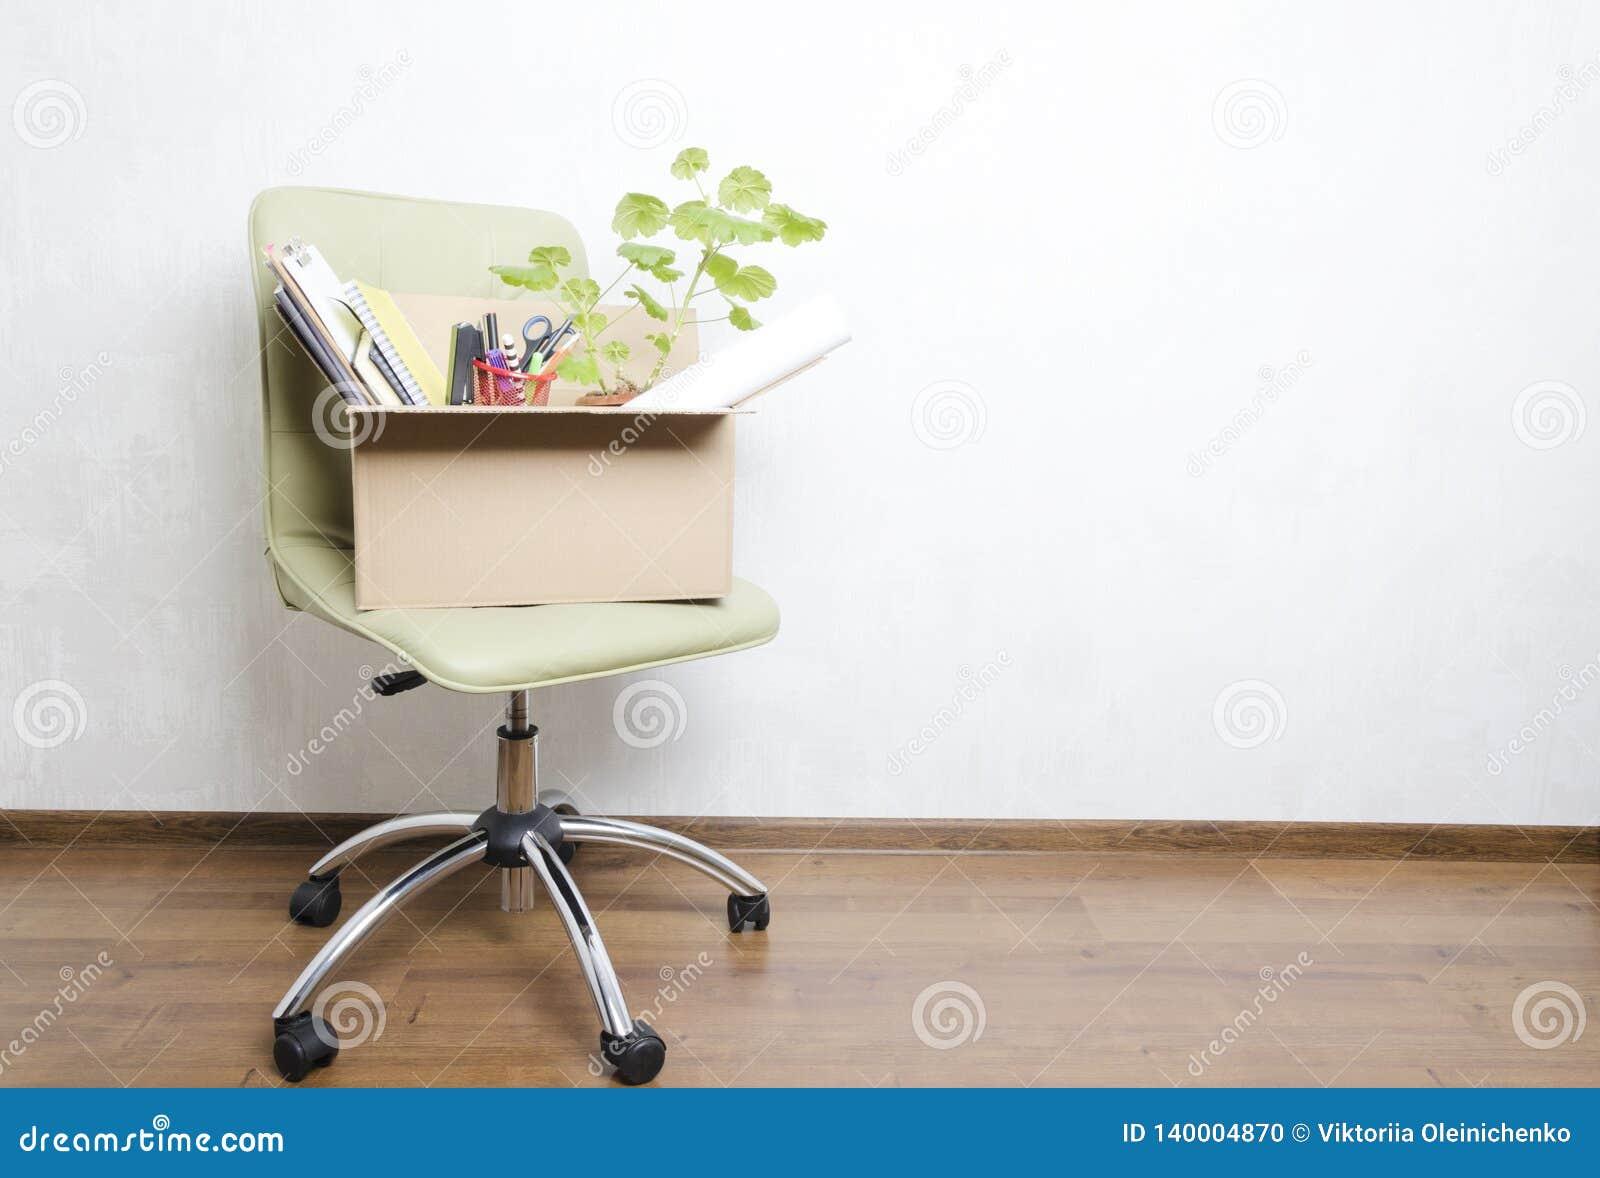 Ask med personliga objekt som står på stolen i kontoret Begrepp av att flytta sig eller avskedandet